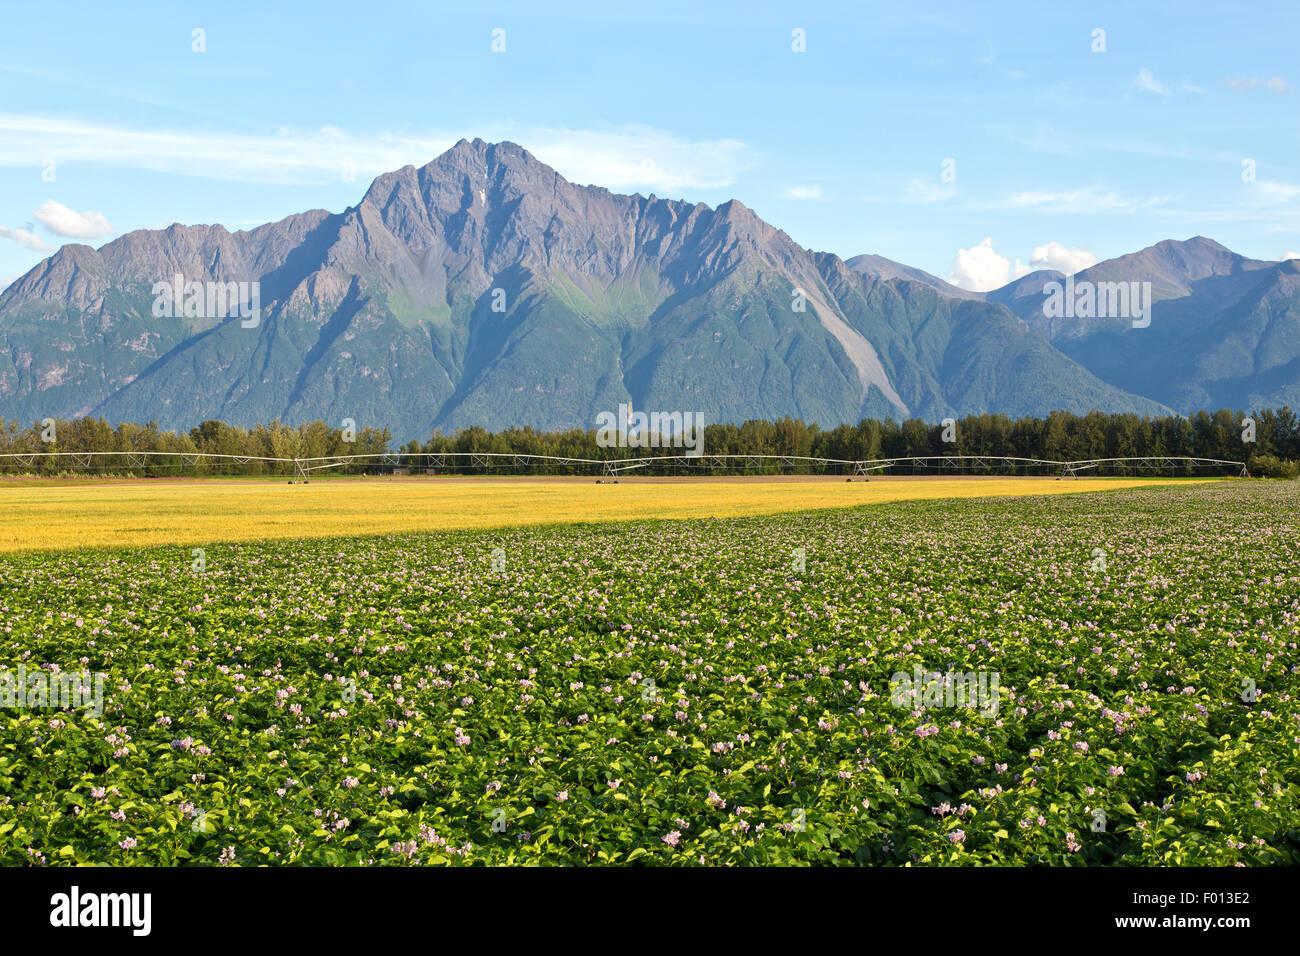 Blühende Kartoffelfeld, reifen Weizen, Rad Linie Bewässerung. Stockfoto